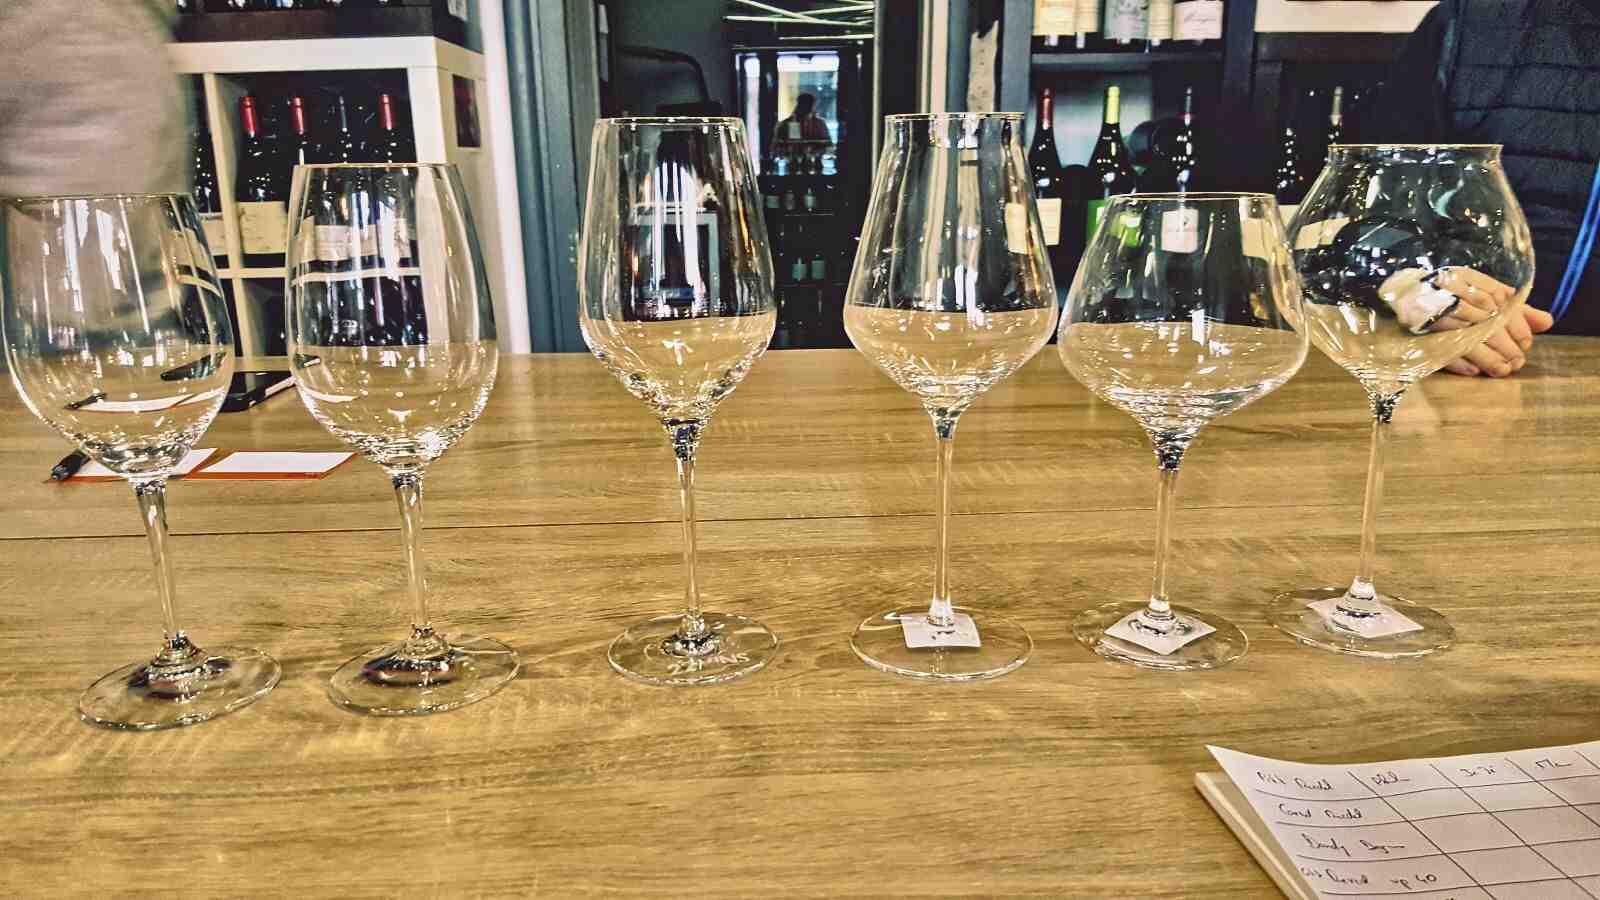 Comment bien investir dans le vin?